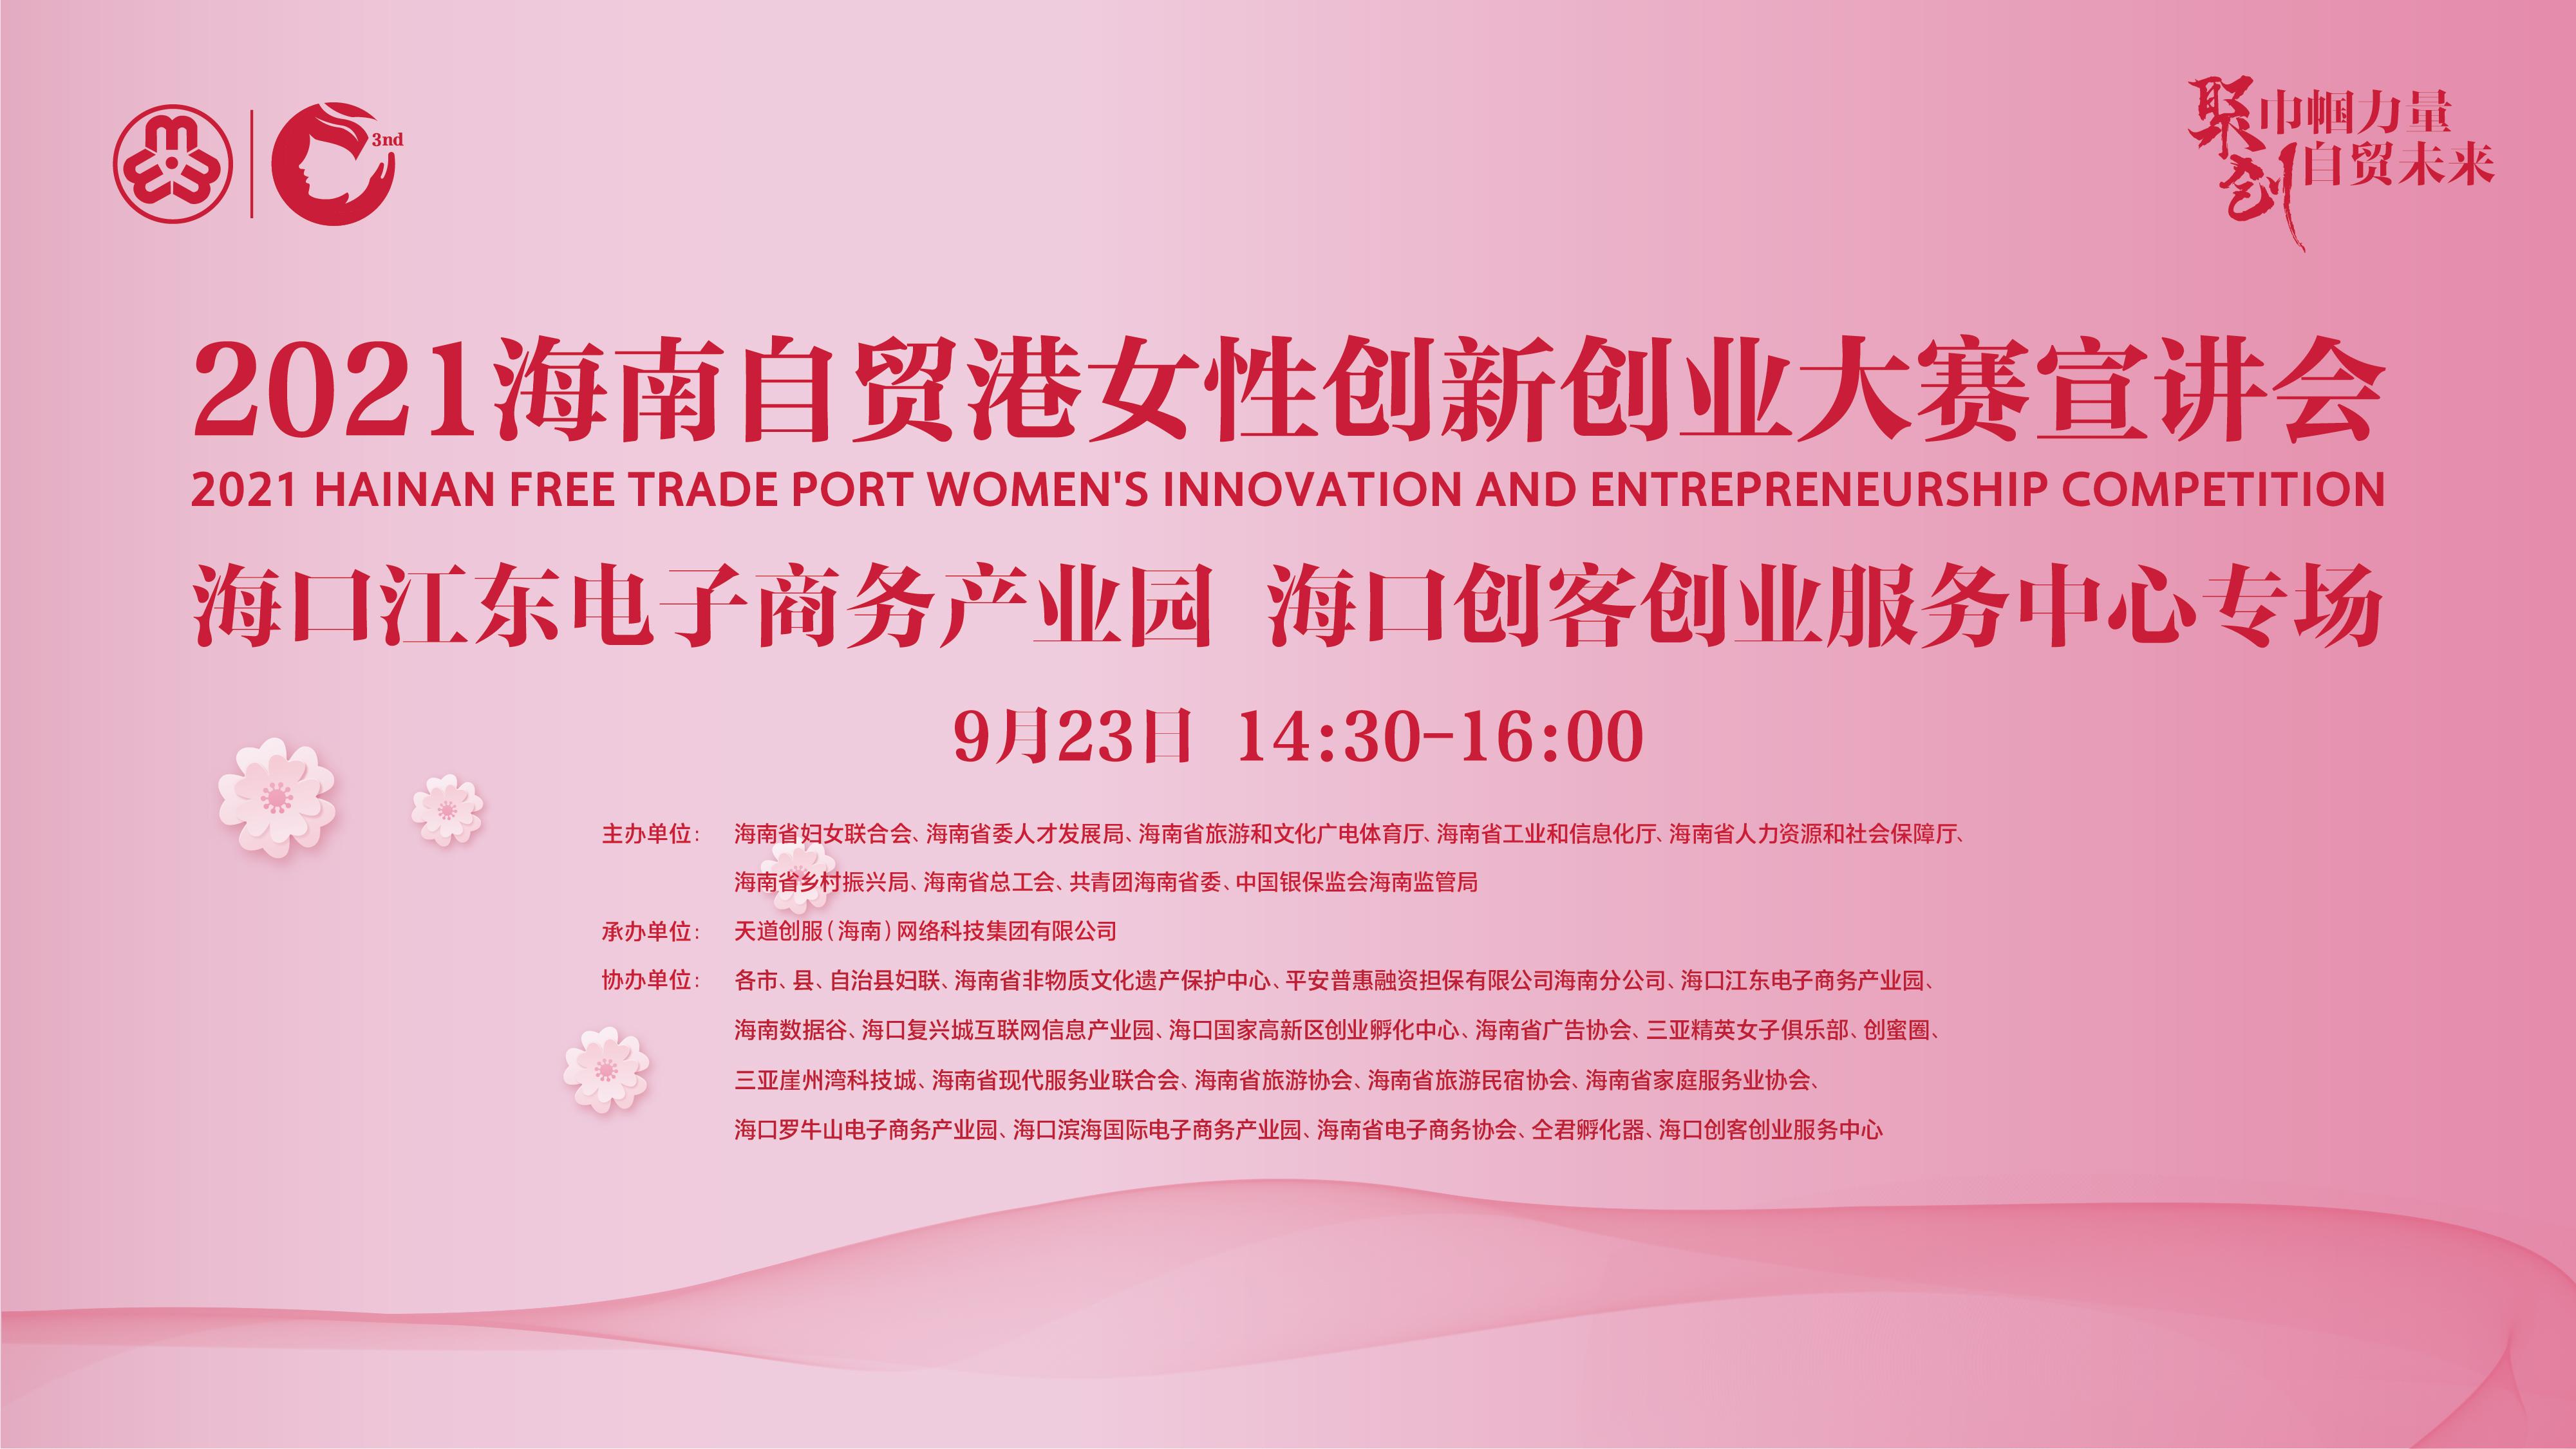 2021海南自贸港女性创新创业大赛宣讲会-海口江东电子商务产业园  海口创客创业服务中心专场